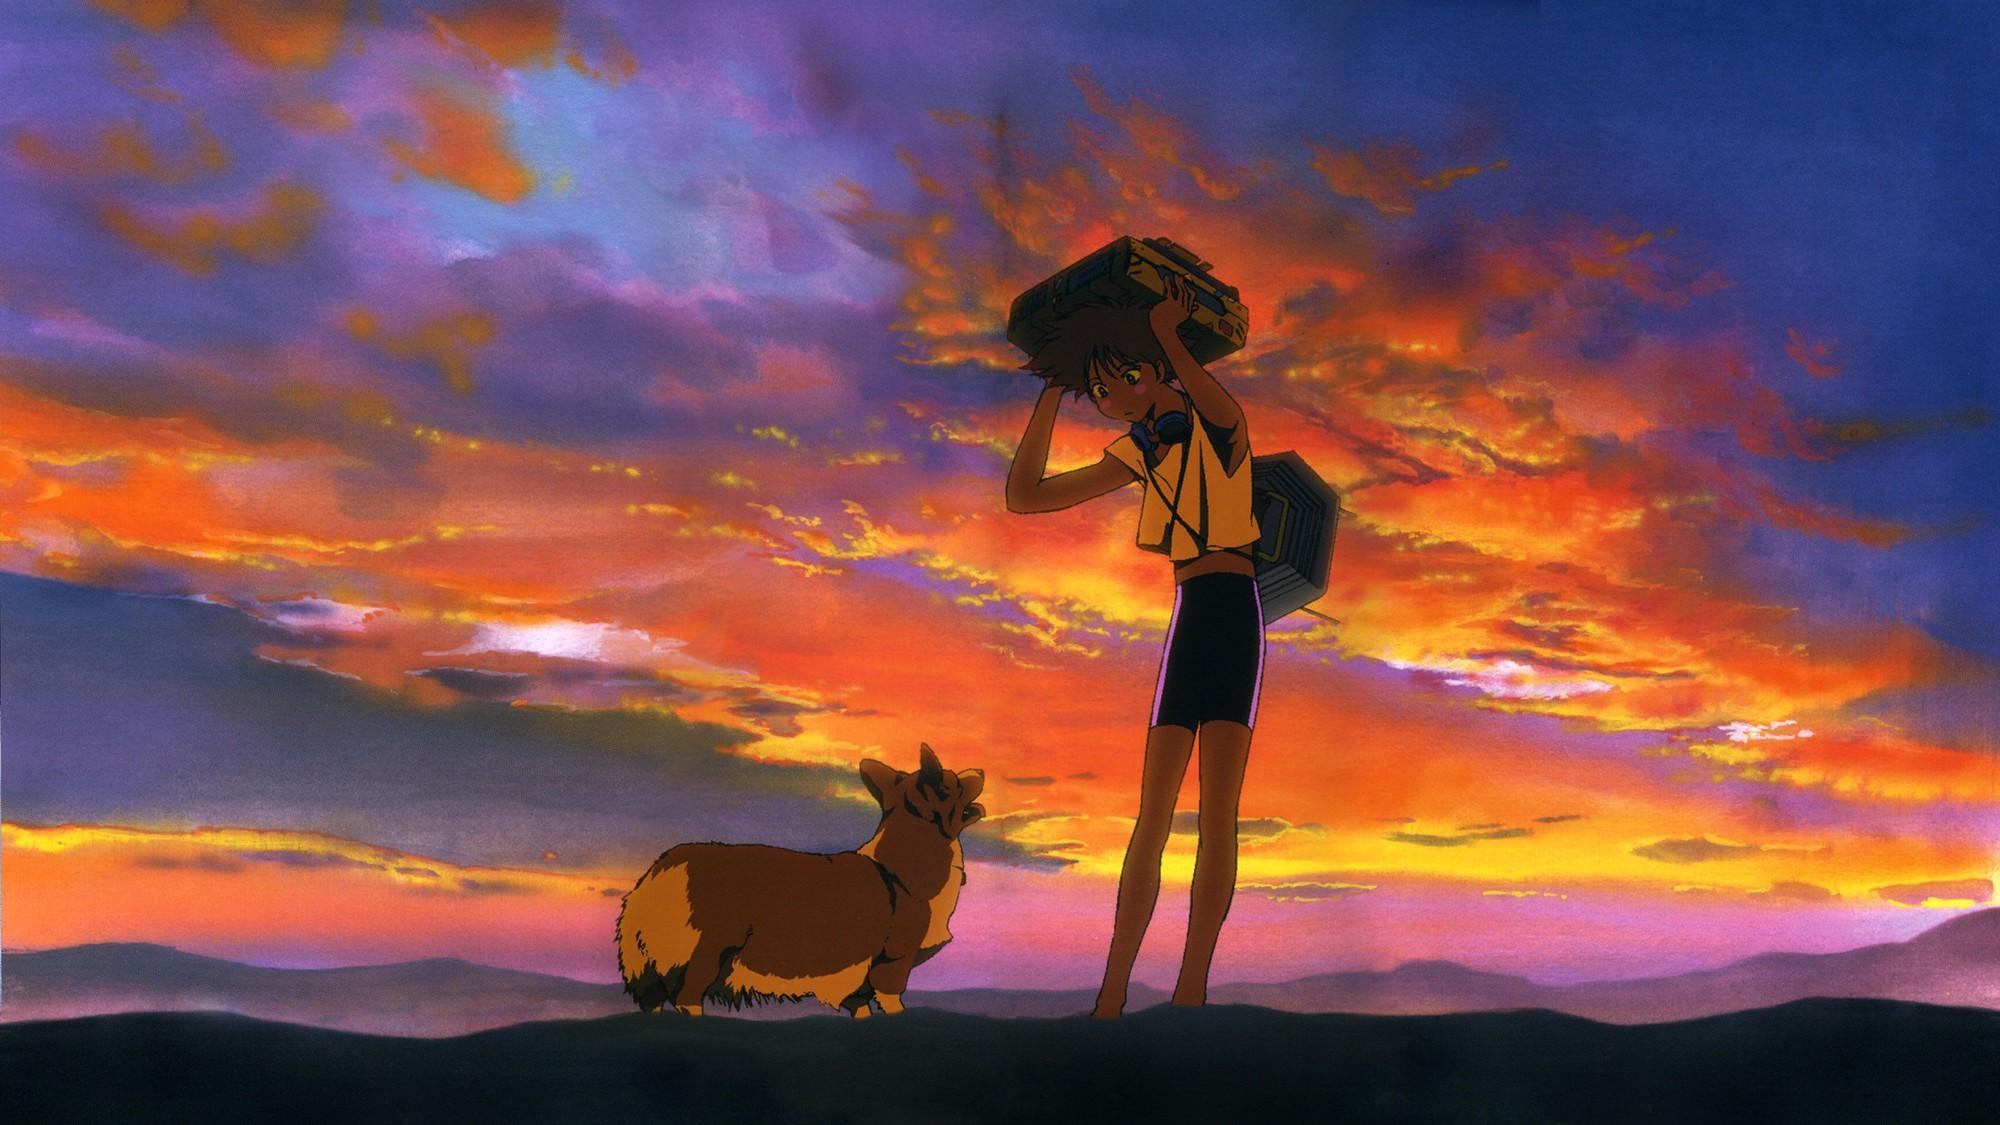 Đây chính là lý do mà fan anime thả phẫn nộ với dựa án chuyển thể mới nhất của Netflix - Ảnh 8.